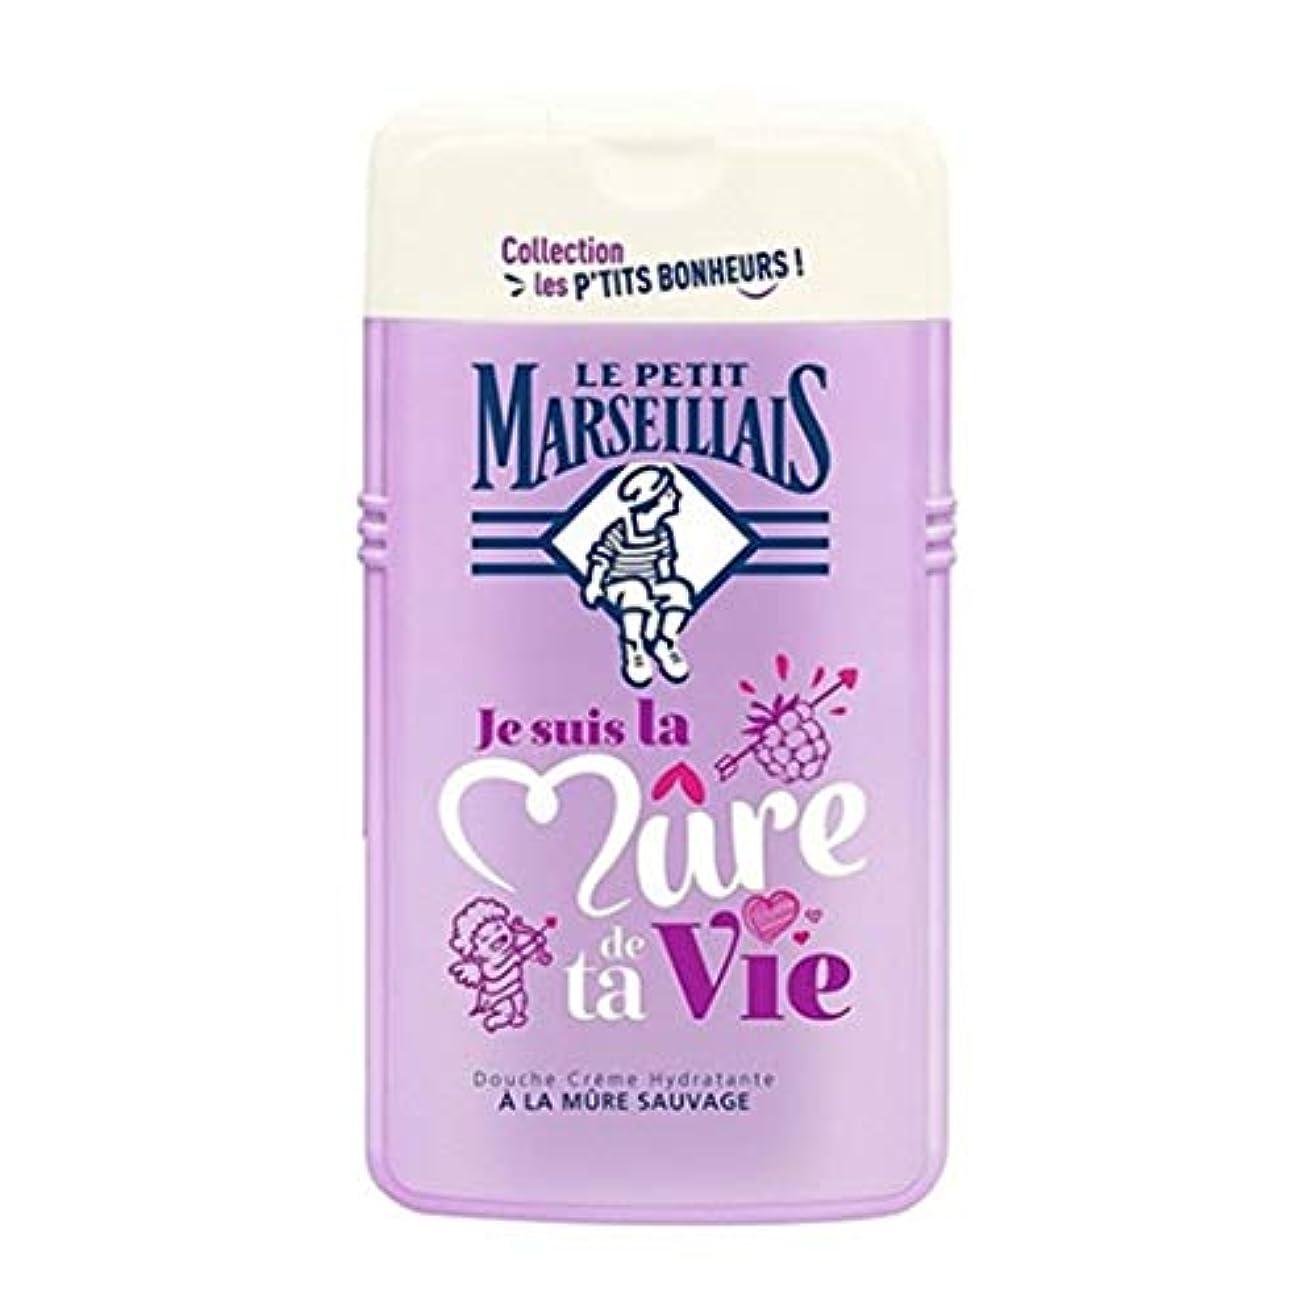 ウッズ彼女自身ラッシュ「ブラックベリー」シャワークリーム ???? フランスの「ル?プティ?マルセイユ (Le Petit Marseillais)」 les P'TITS BONHEURS 250ml ボディウォッシュ